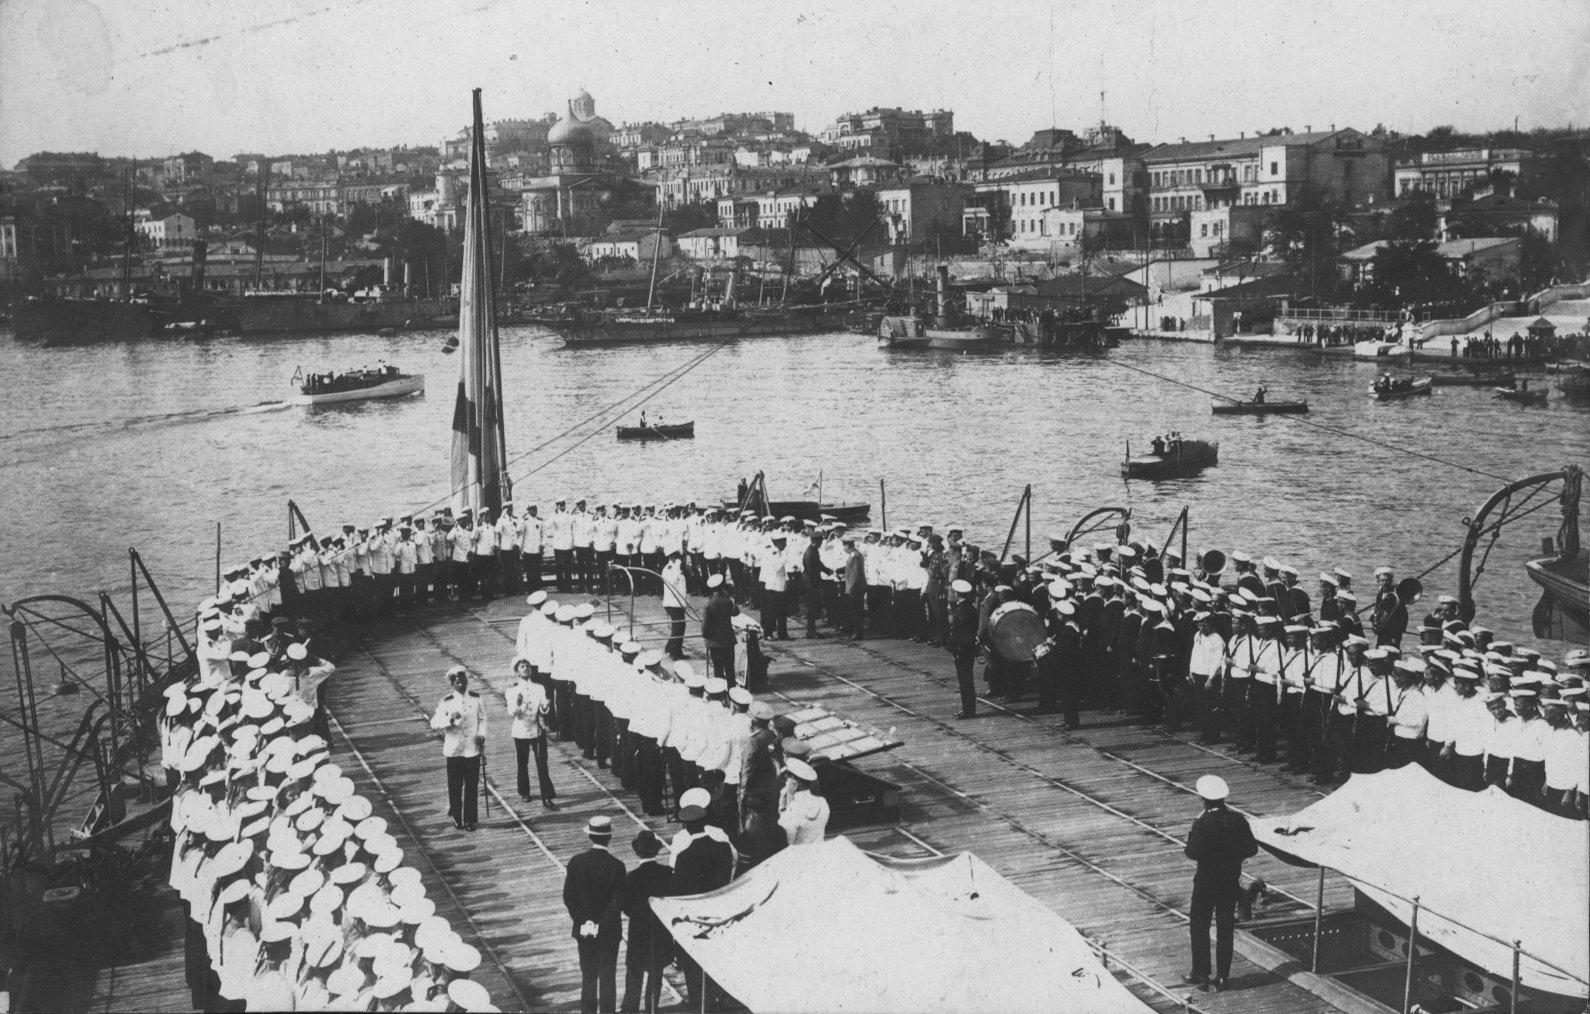 Южная бухта. Борт эскадренного броненосца Георгий Победоносец. 1900